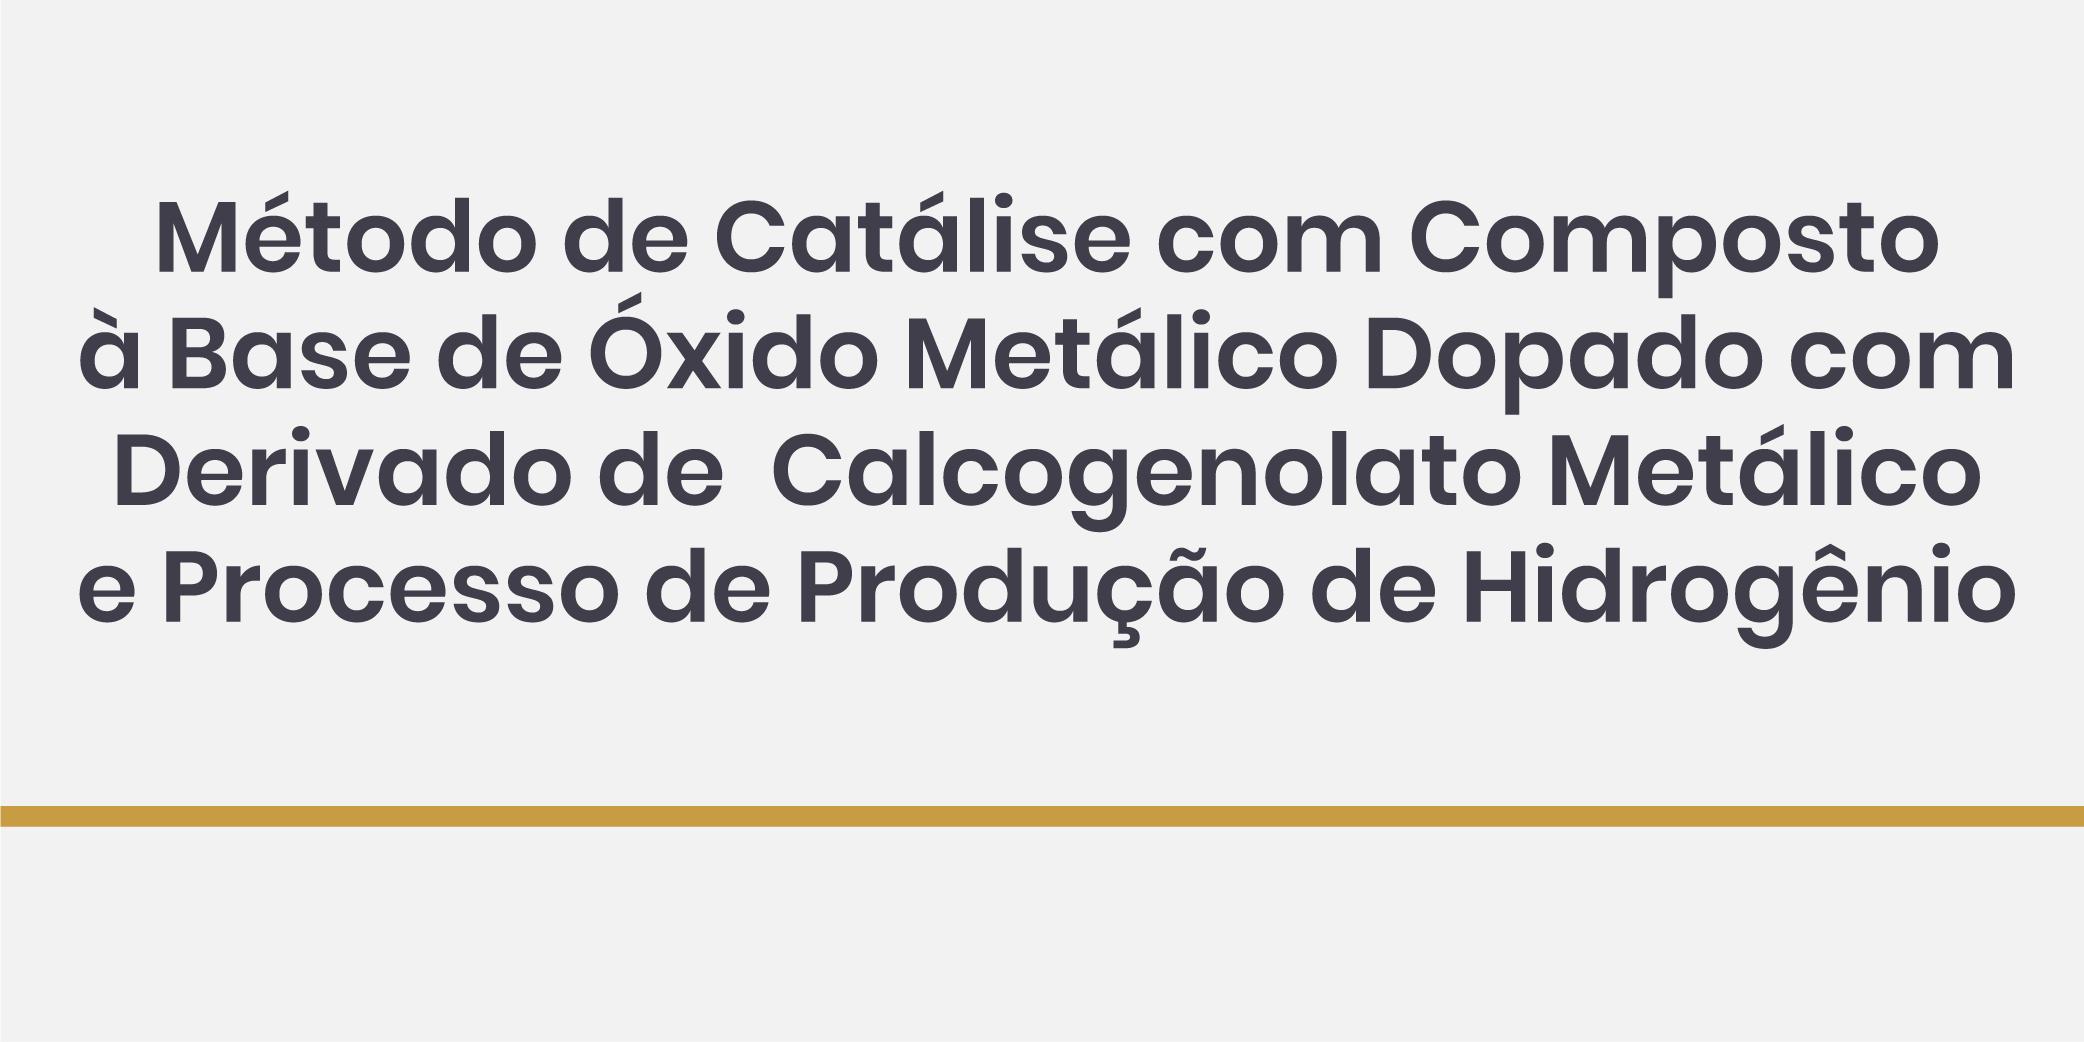 Método de Catálise com Composto à Base de Óxido Metálico Dopado com Derivado de Calcogenolato Metálico e Processo de Produção de Hidrogênio